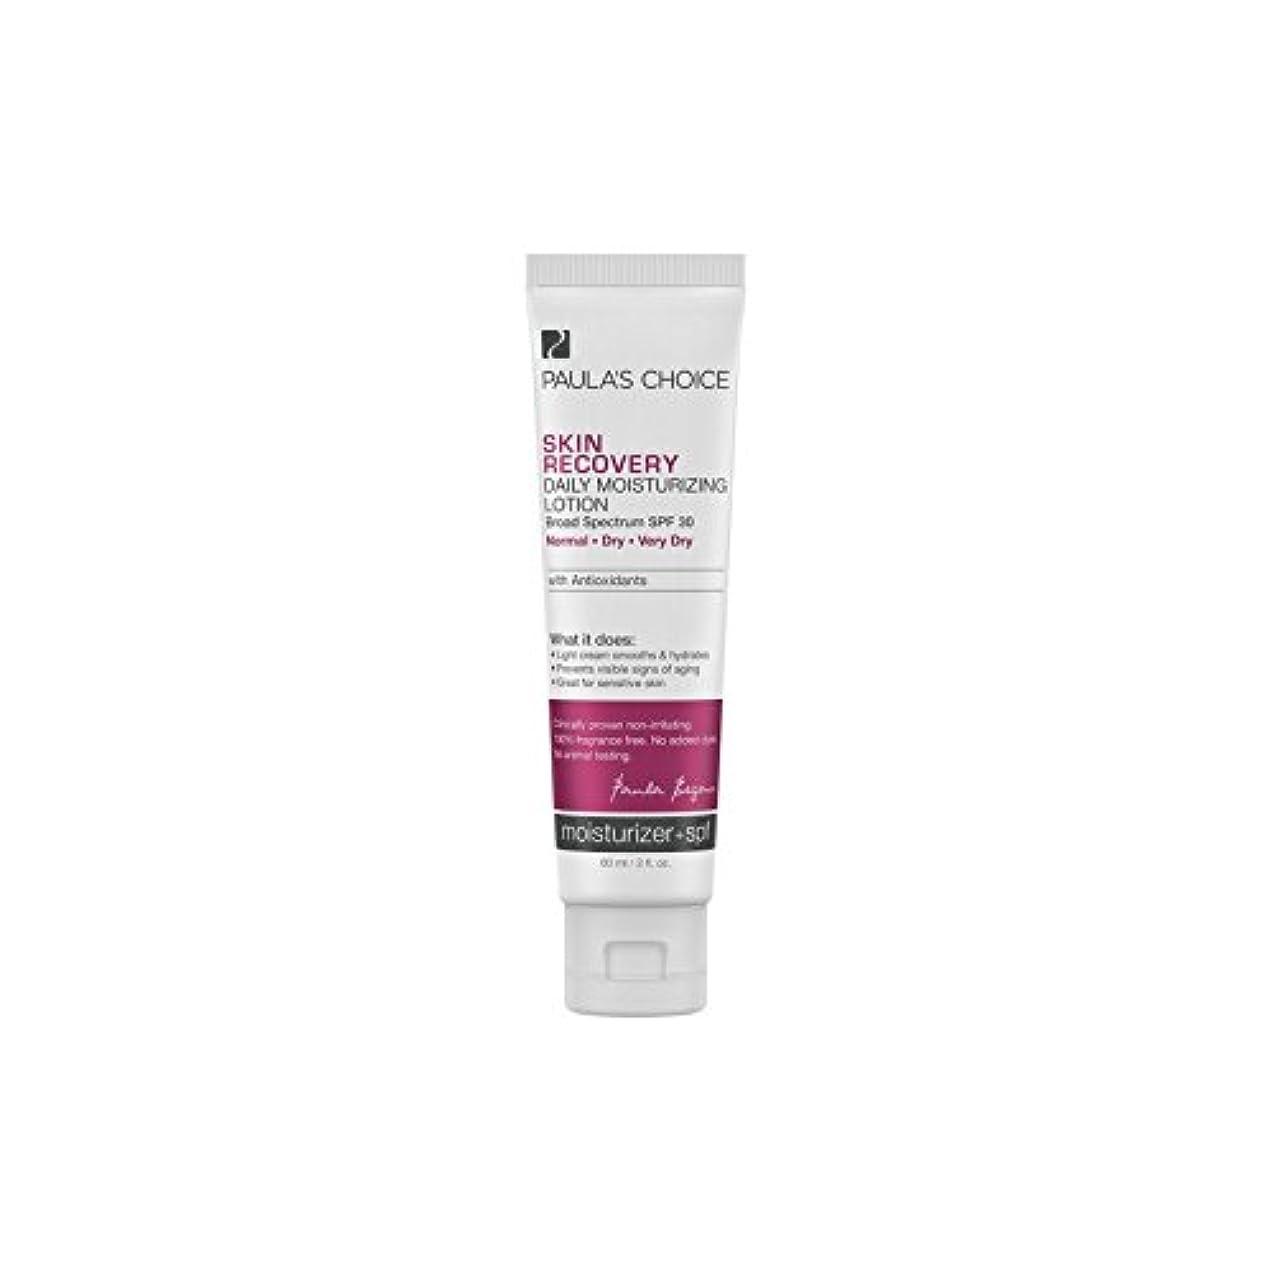 写真を描く受け皿個人的なPaula's Choice Skin Recovery Daily Moisturizing Lotion Spf30 (60ml) (Pack of 6) - ポーラチョイスの肌の回復毎日の保湿ローション30(60ミリリットル...